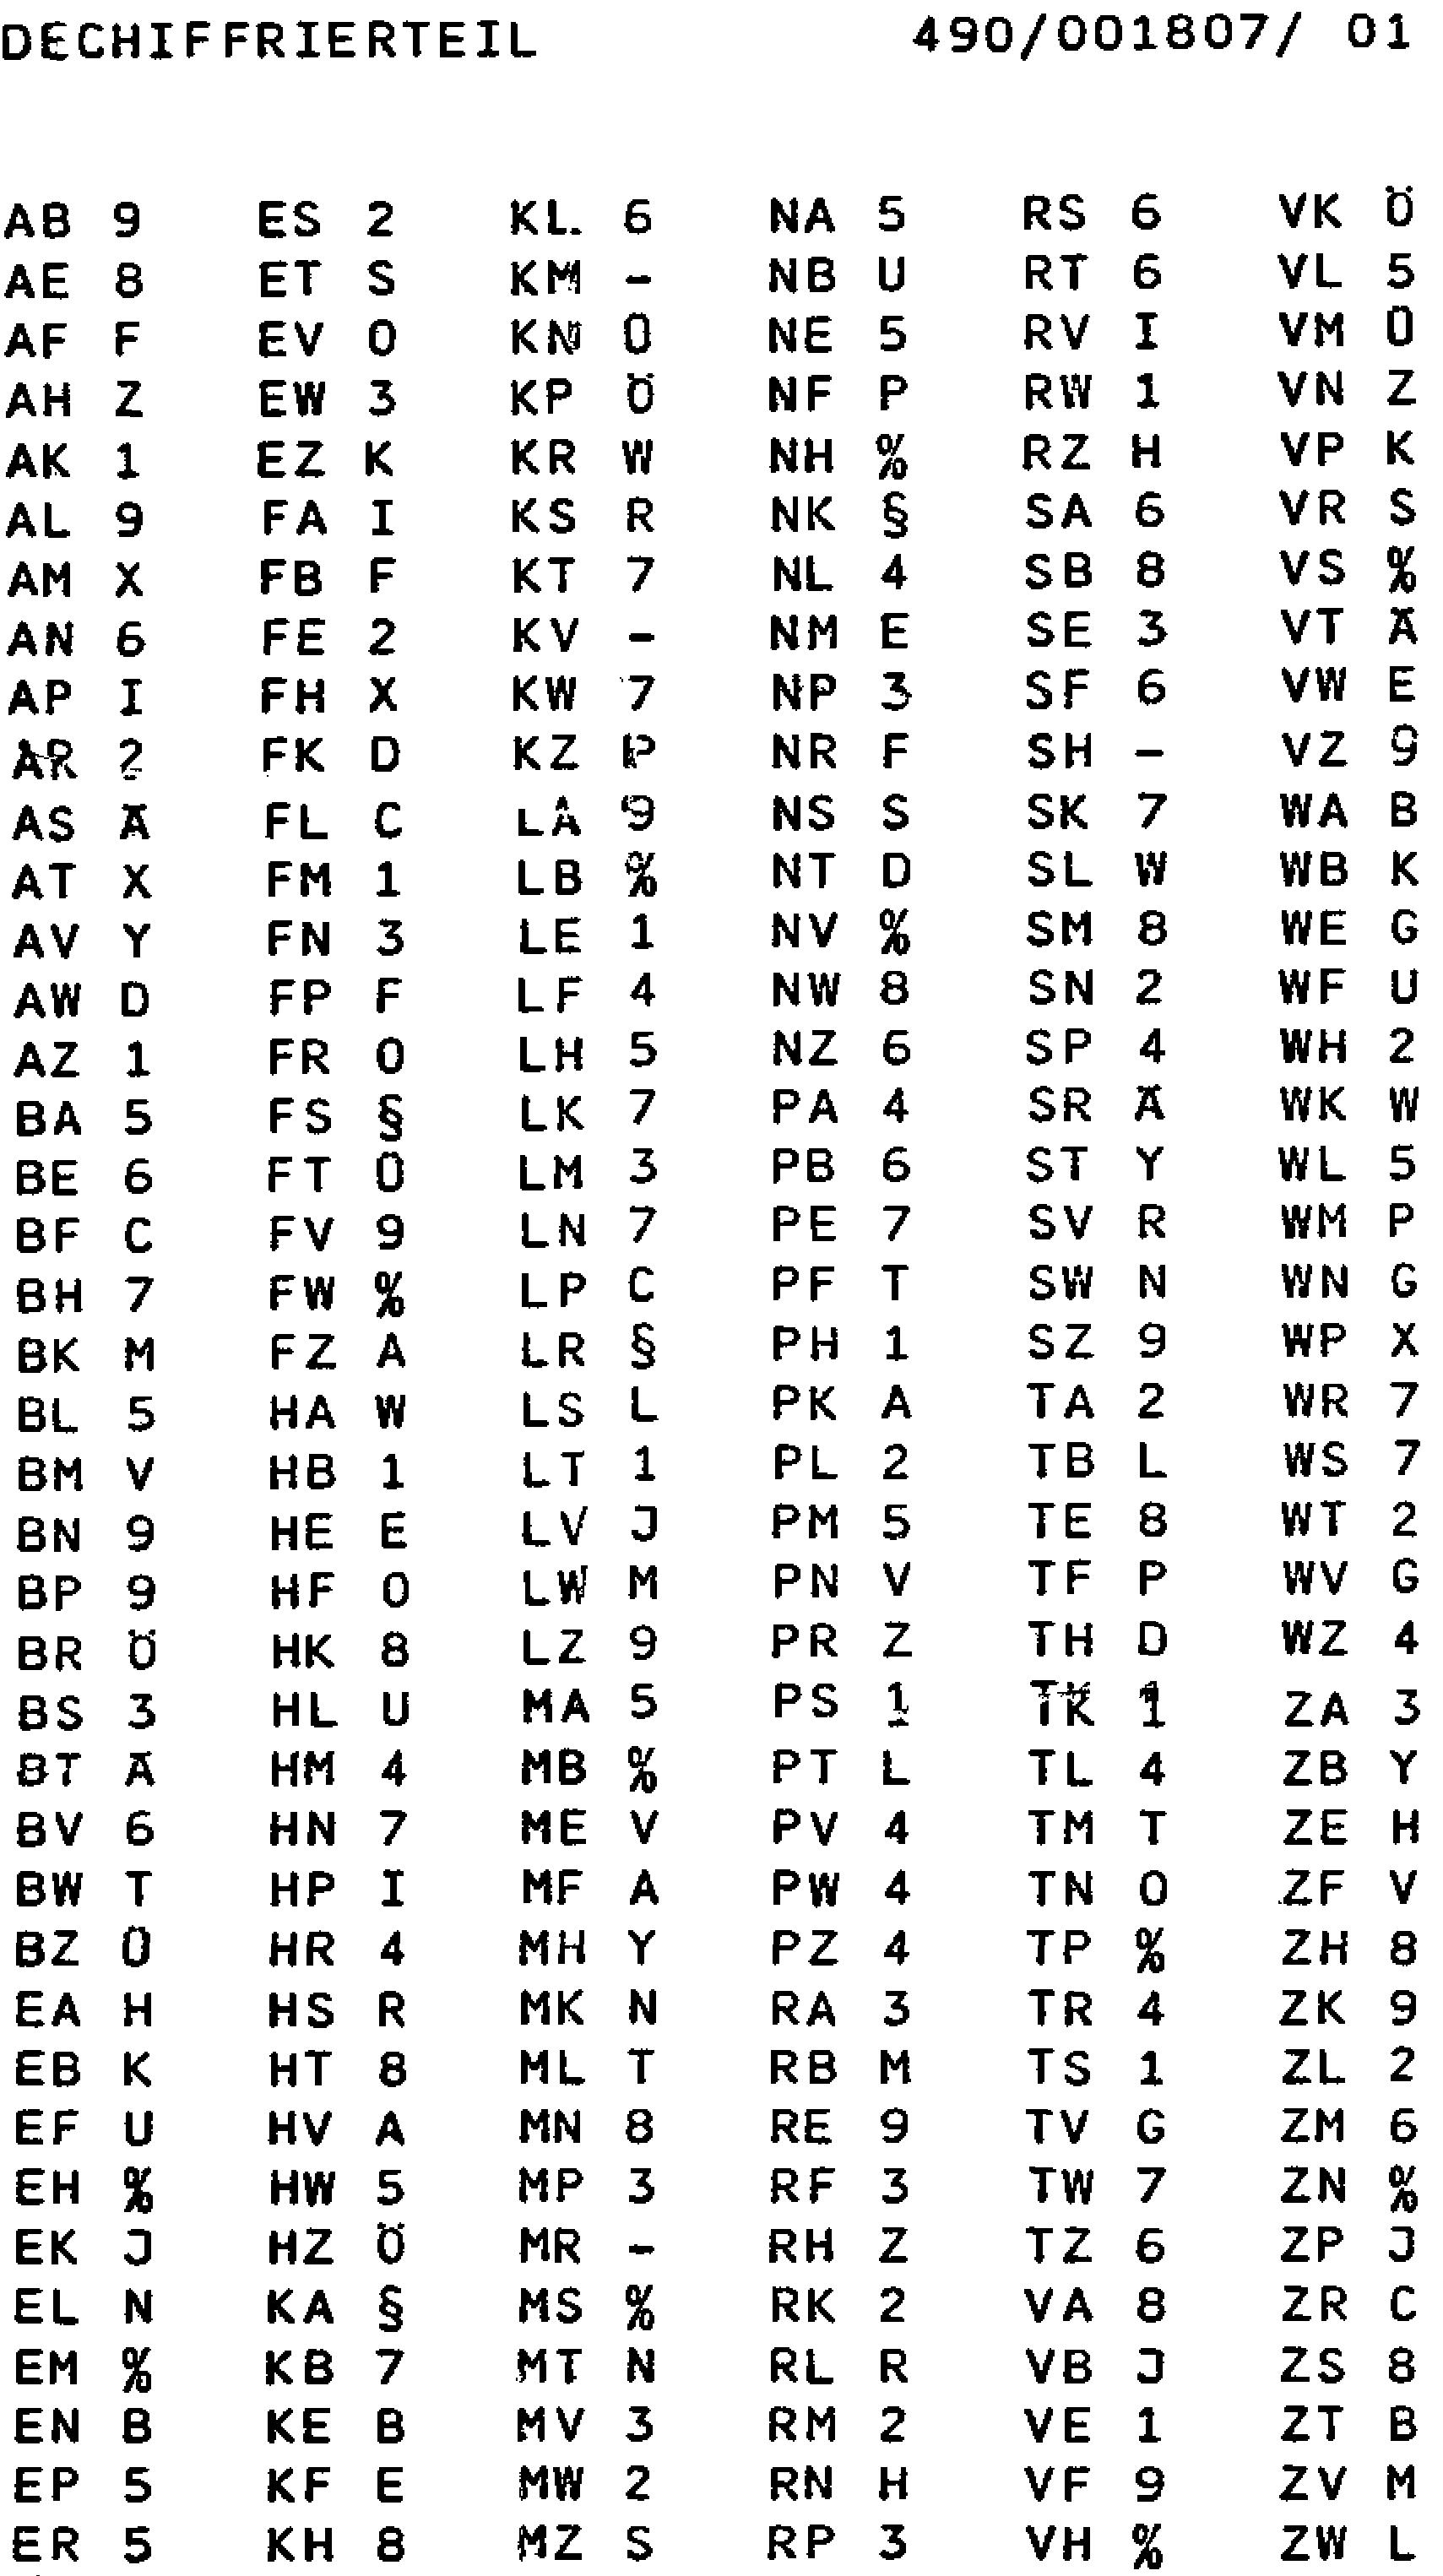 beseitigen in ordnung bringen 7 buchstaben